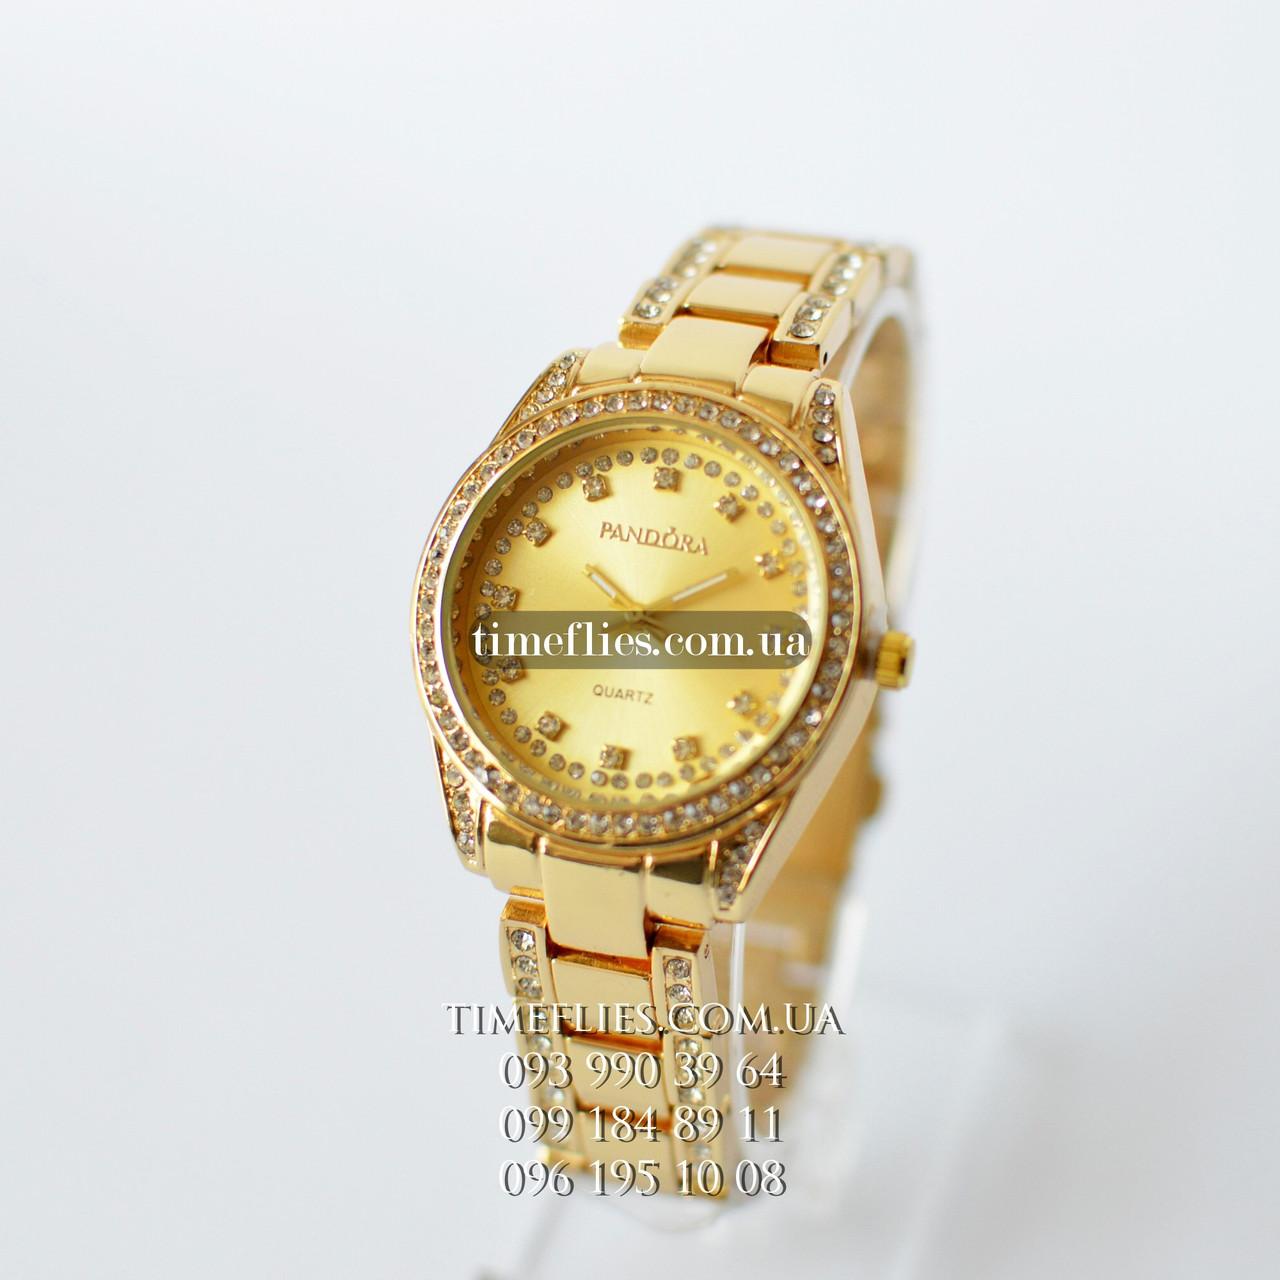 Pandora №4 Женские кварцевые часы